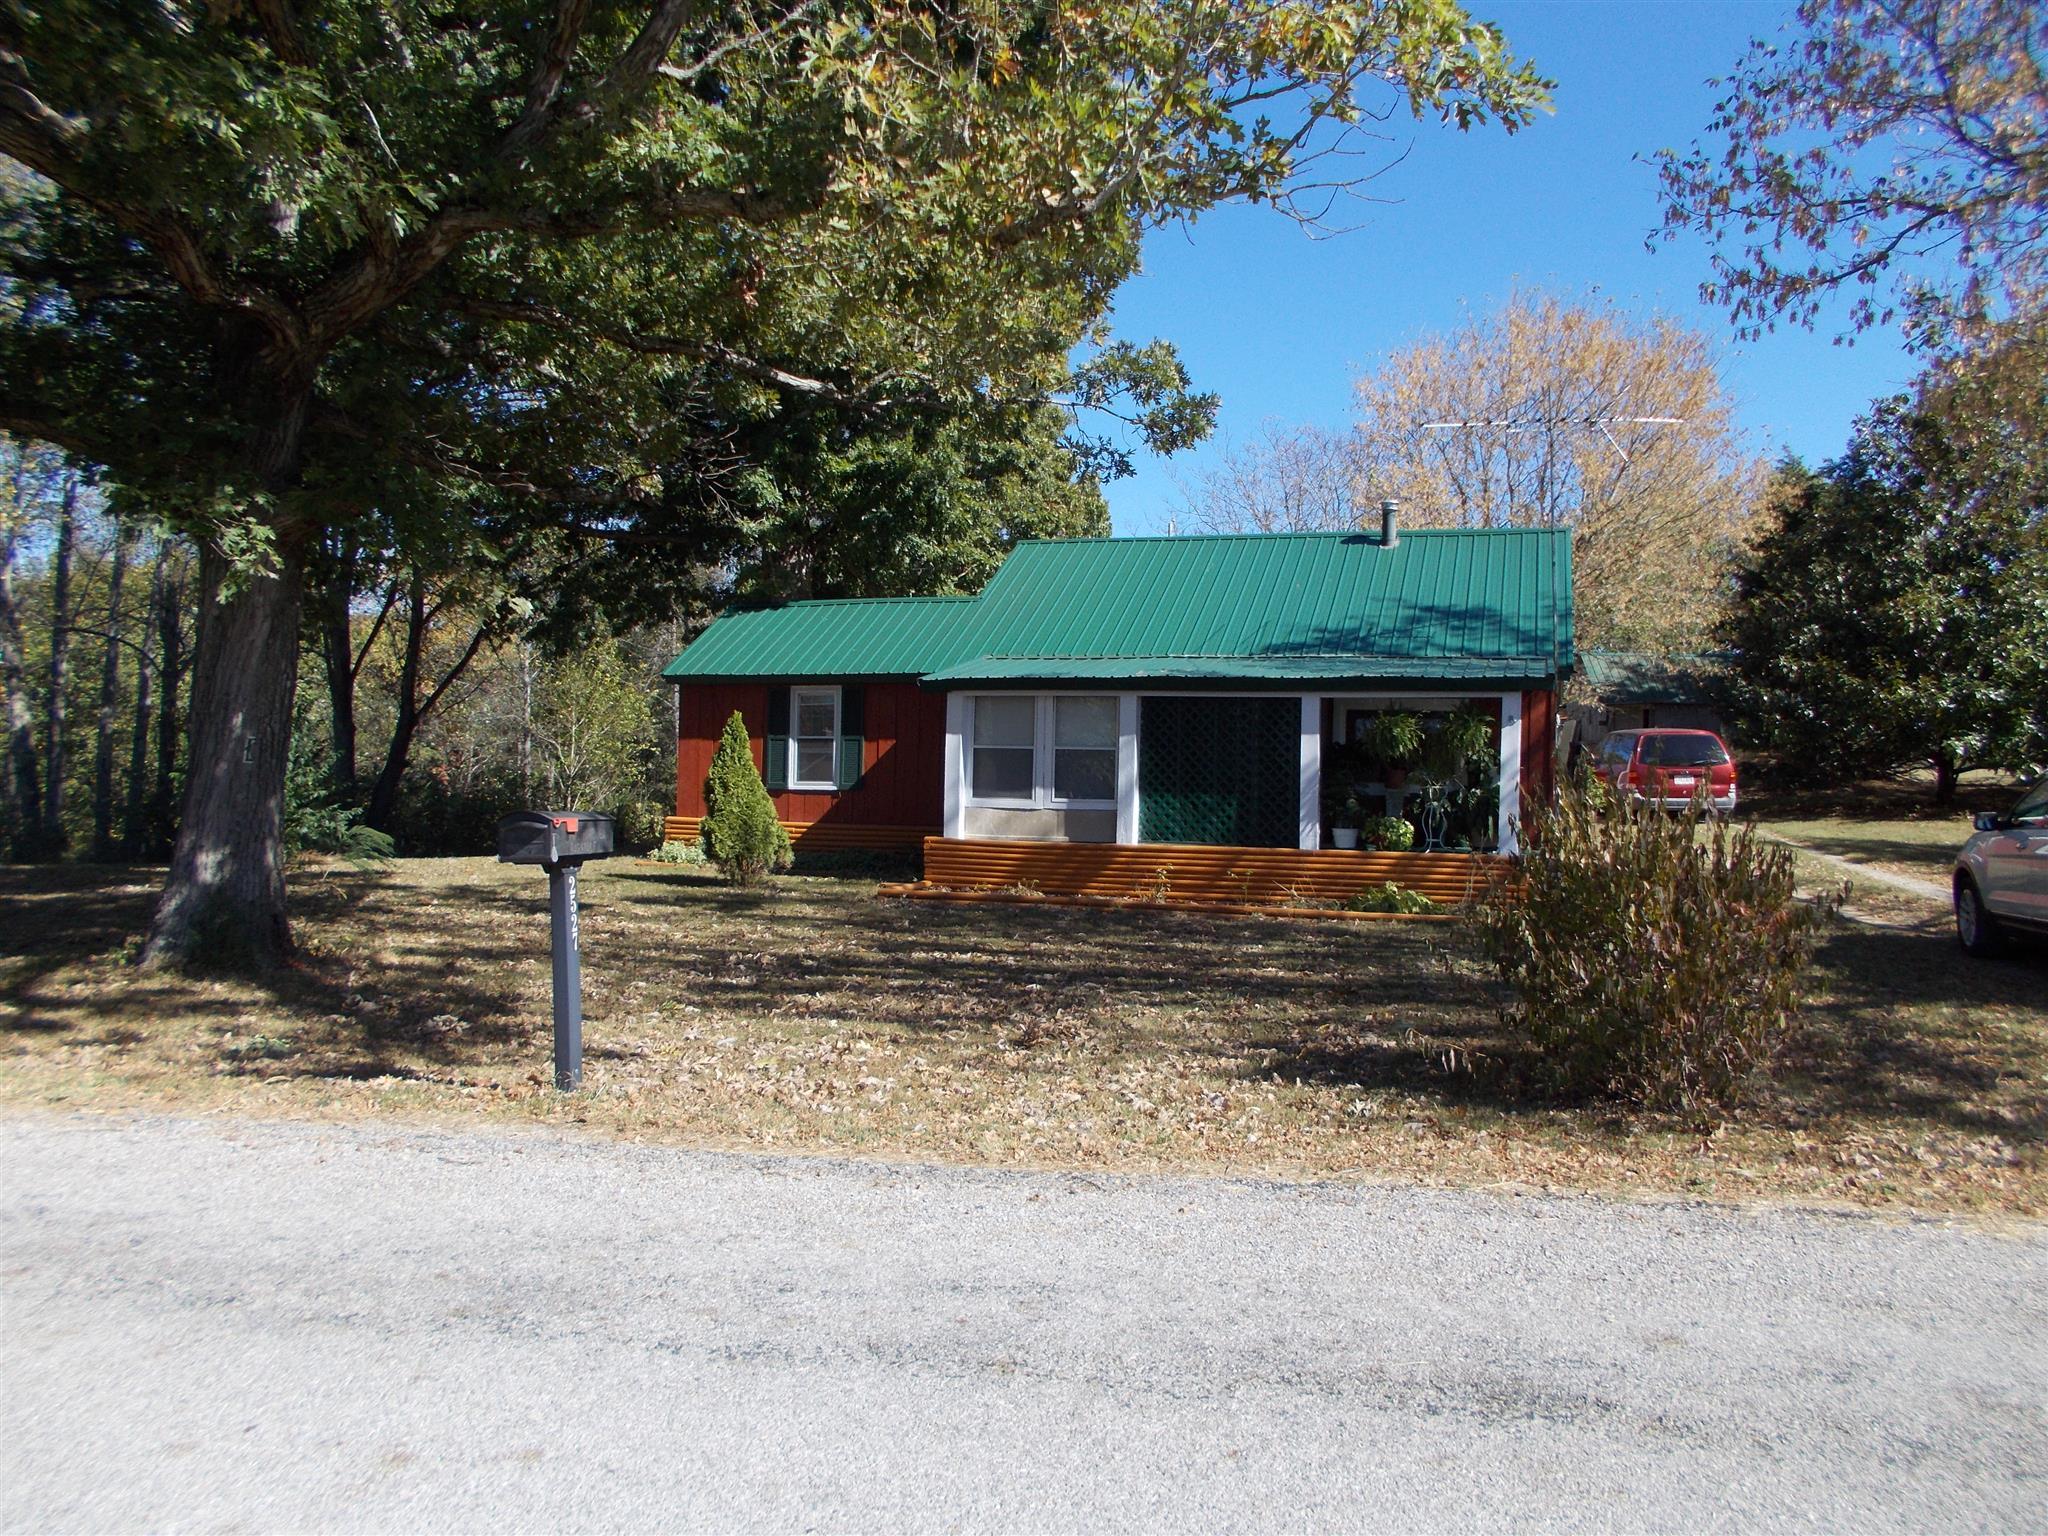 Commercial Property For Sale In Oak Ridge Tn